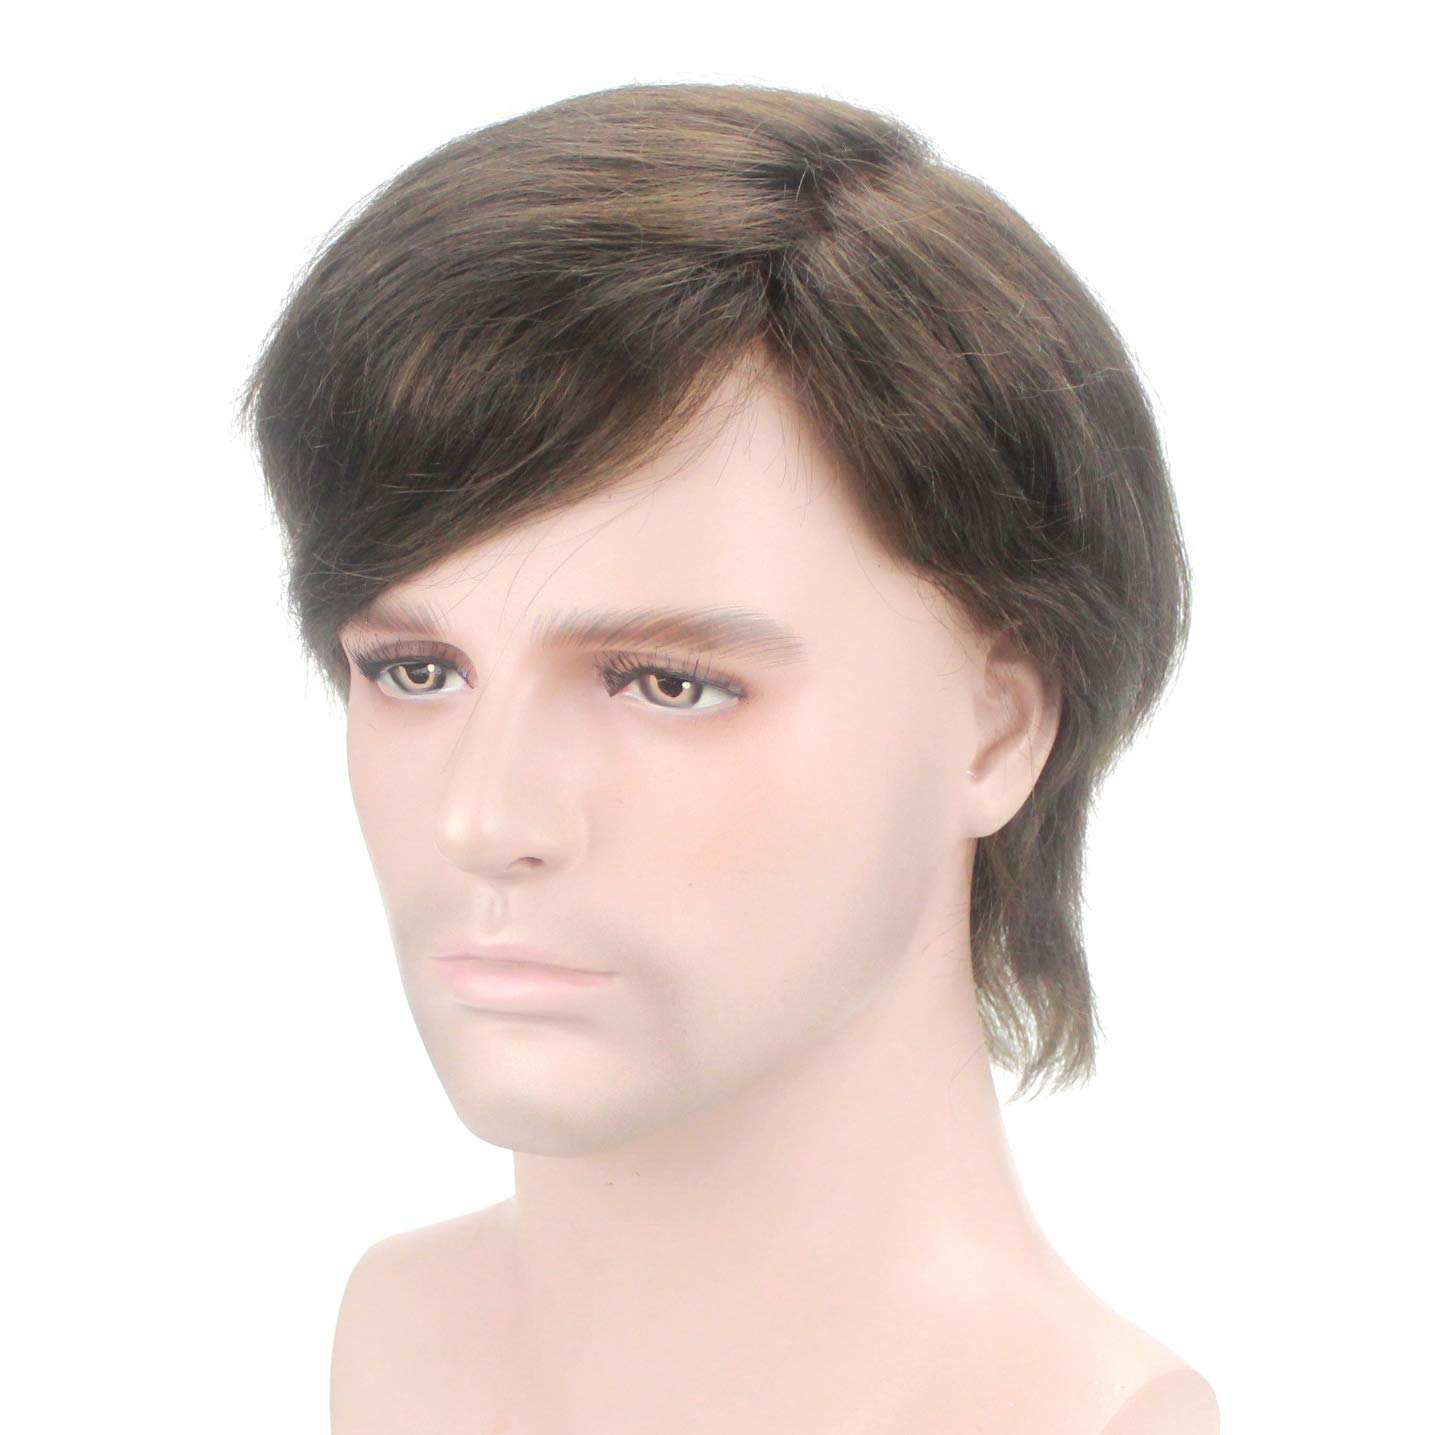 Lordhair 100% Cabello Humano Francés Encaje de Hombres Tupé Color # 3: Amazon.es: Belleza